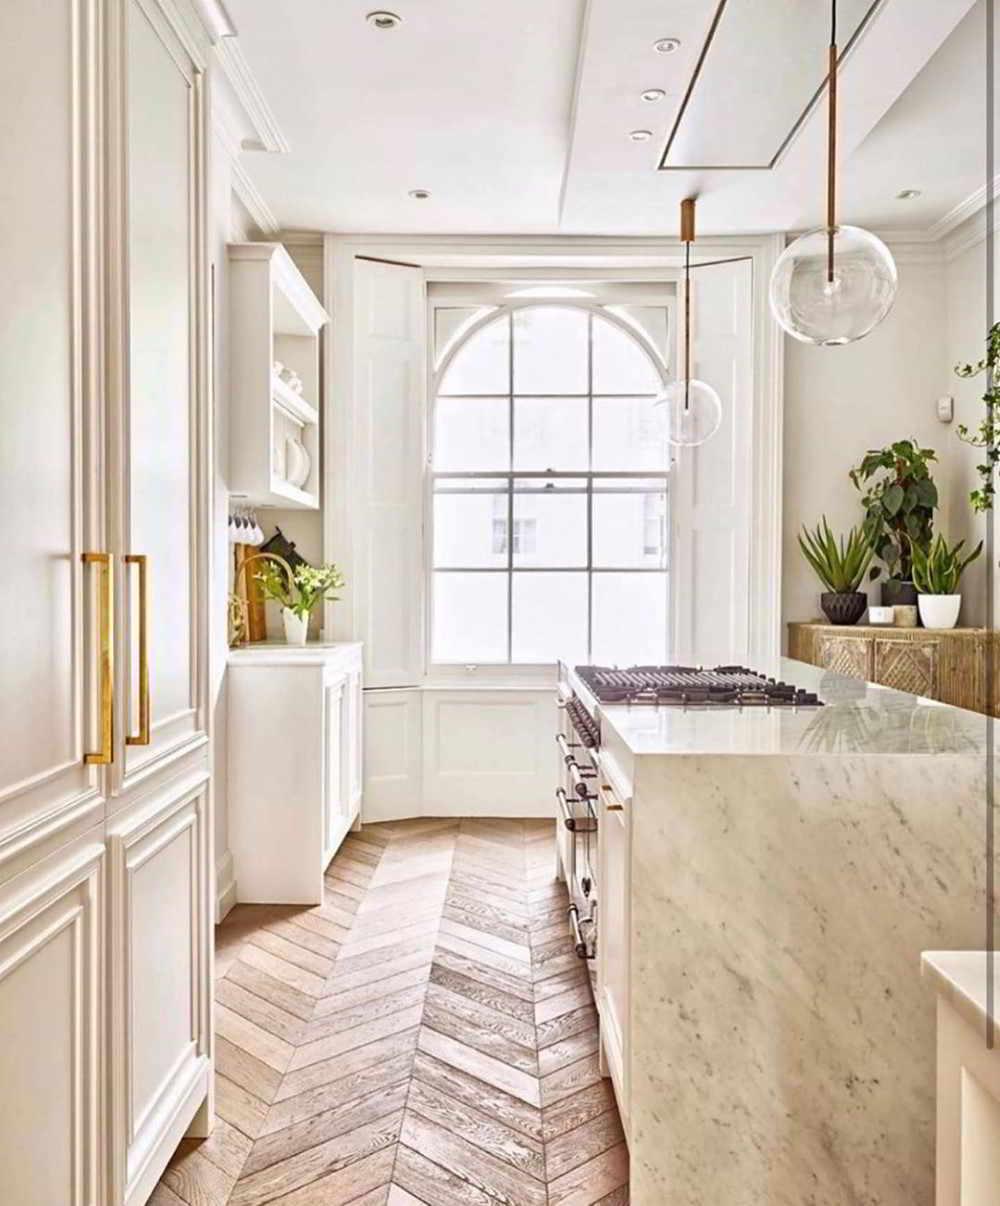 ilha de cozinha em mármore